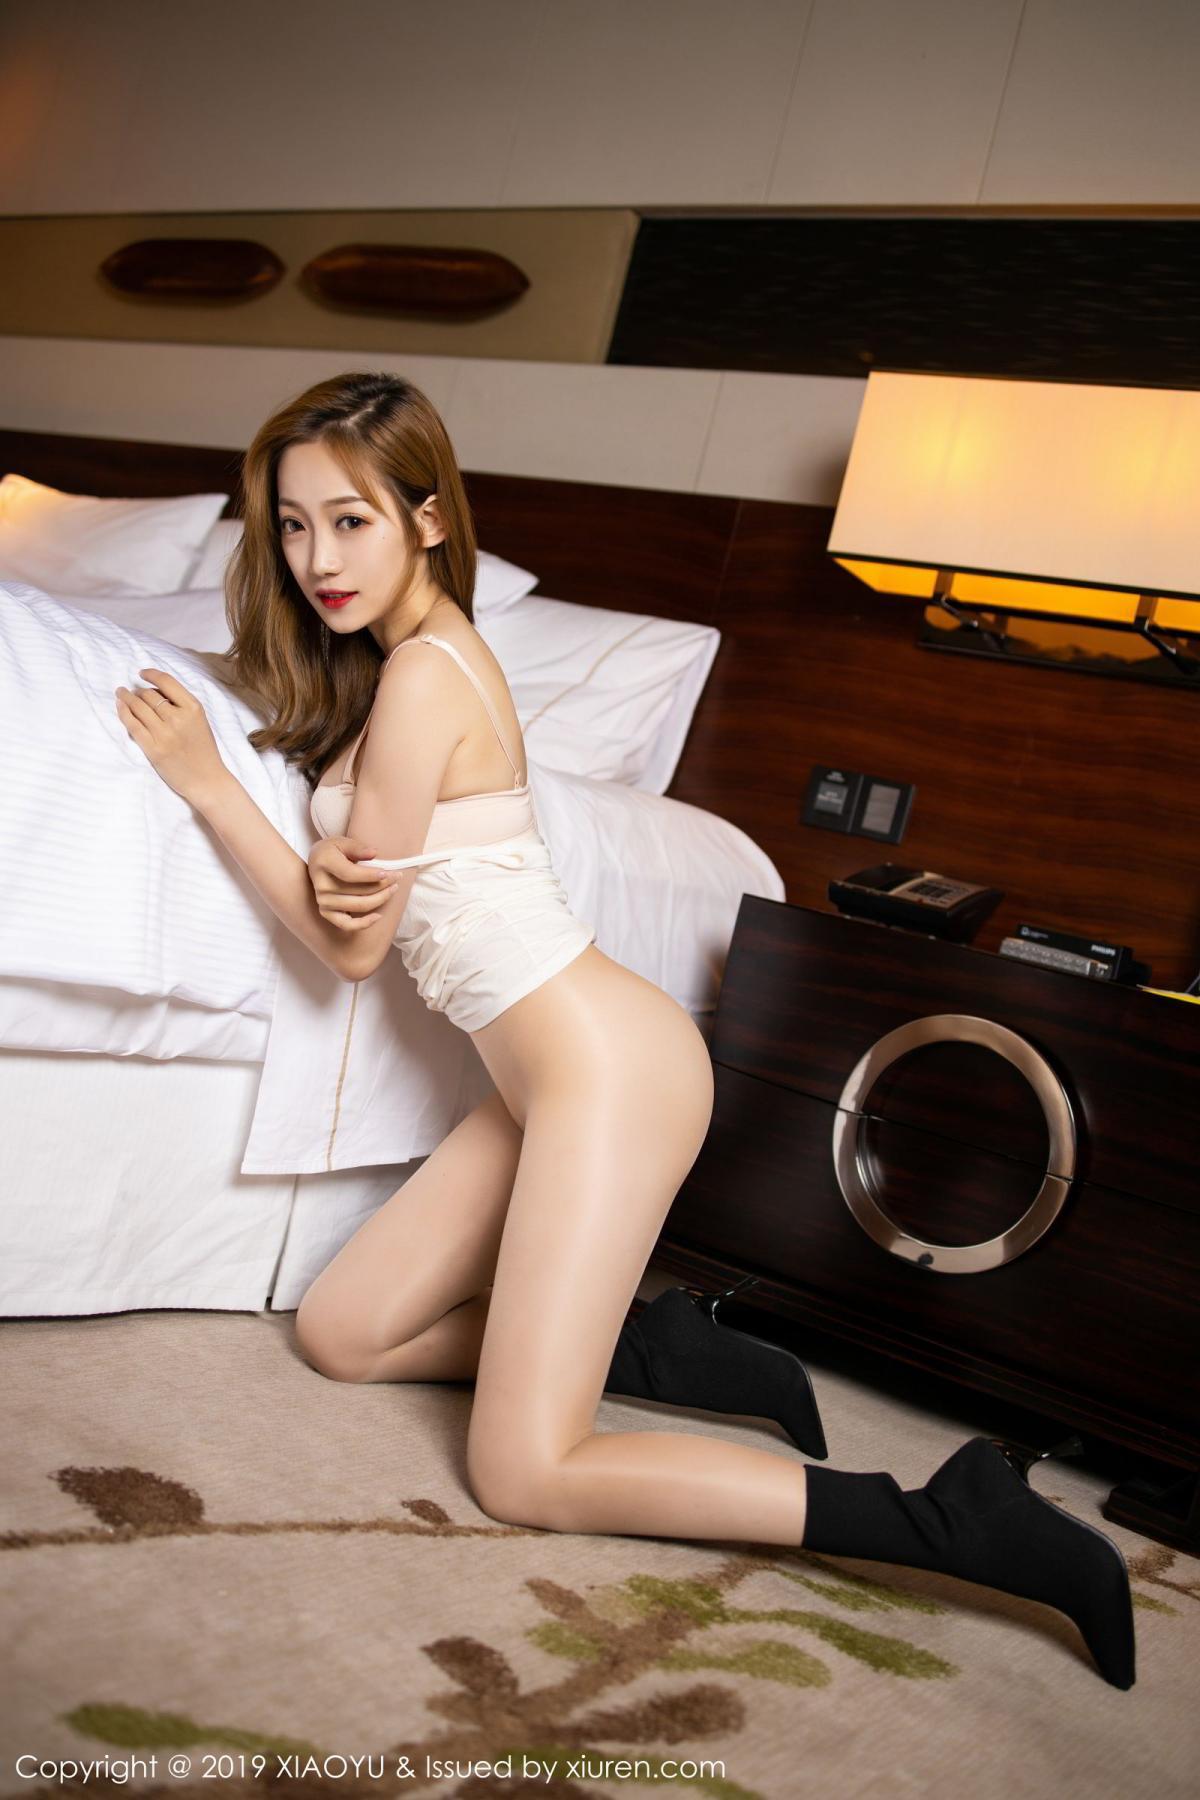 [XiaoYu] Vol.176 Yuner Claire 17P, Underwear, XiaoYu, Yuner Claire